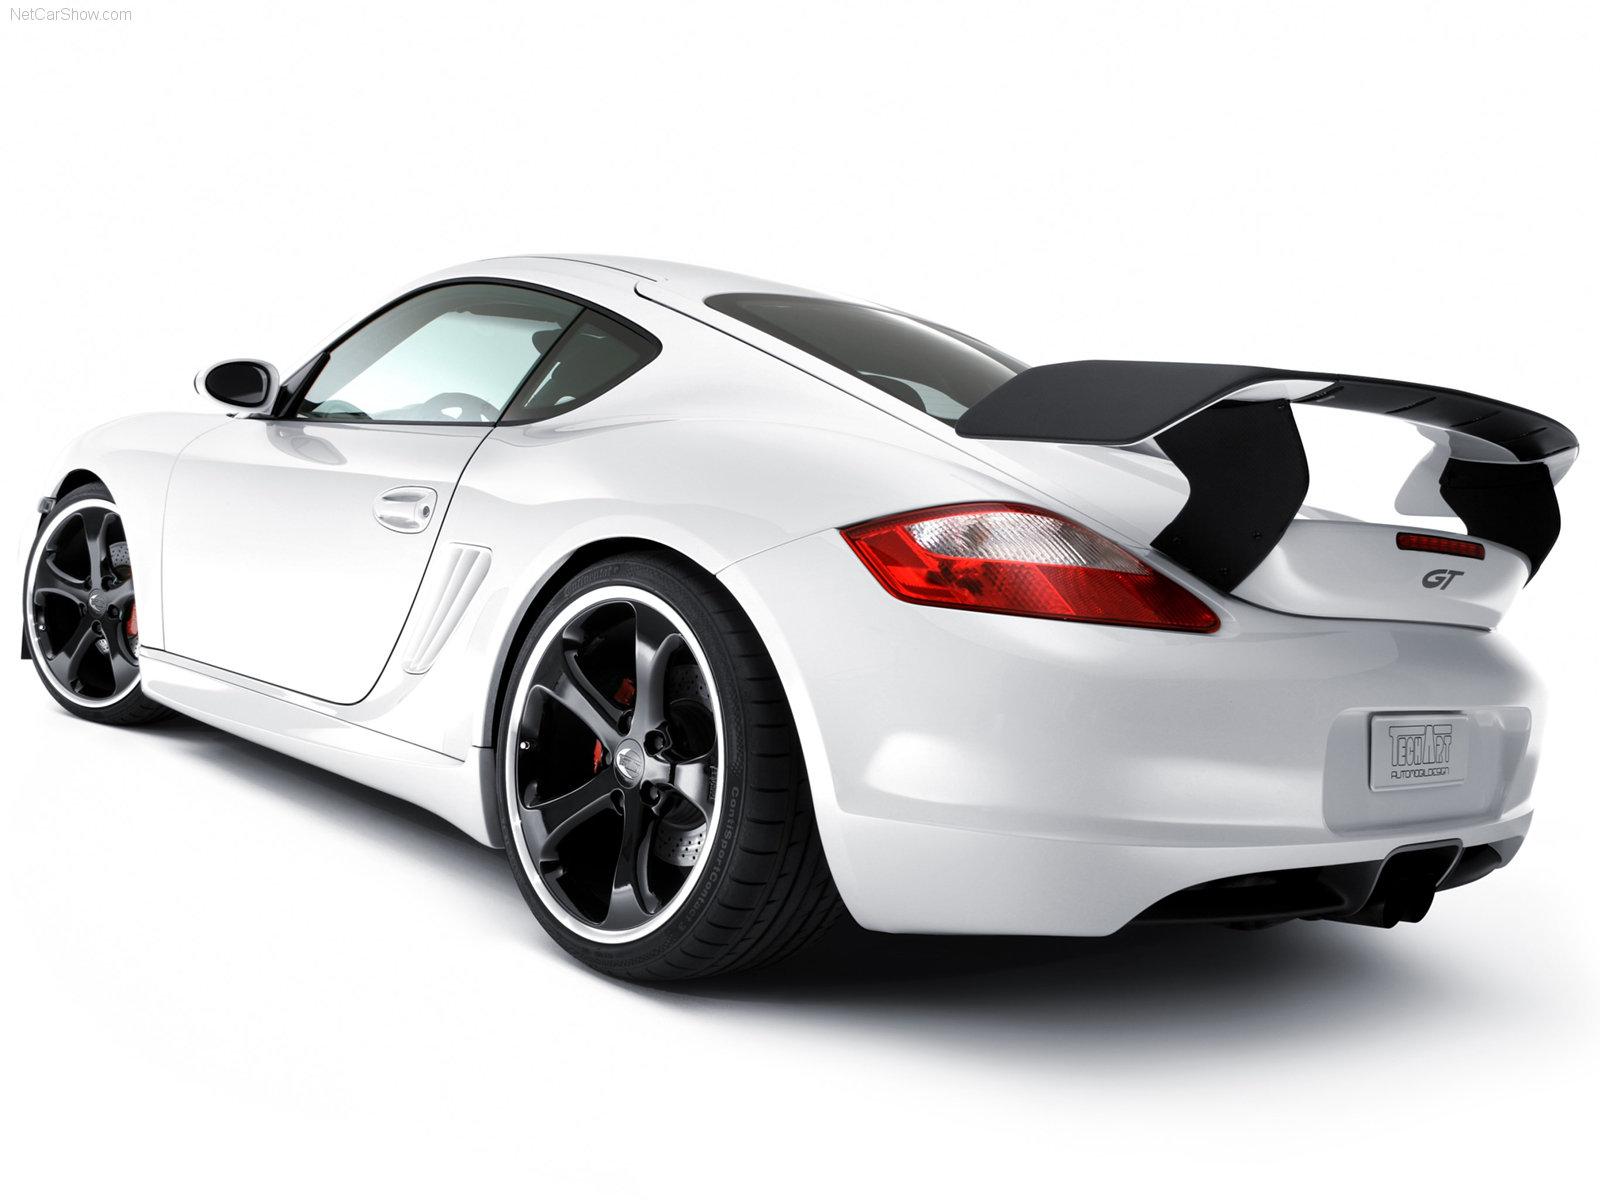 Hình ảnh xe ô tô TechArt GTsport 2006 & nội ngoại thất